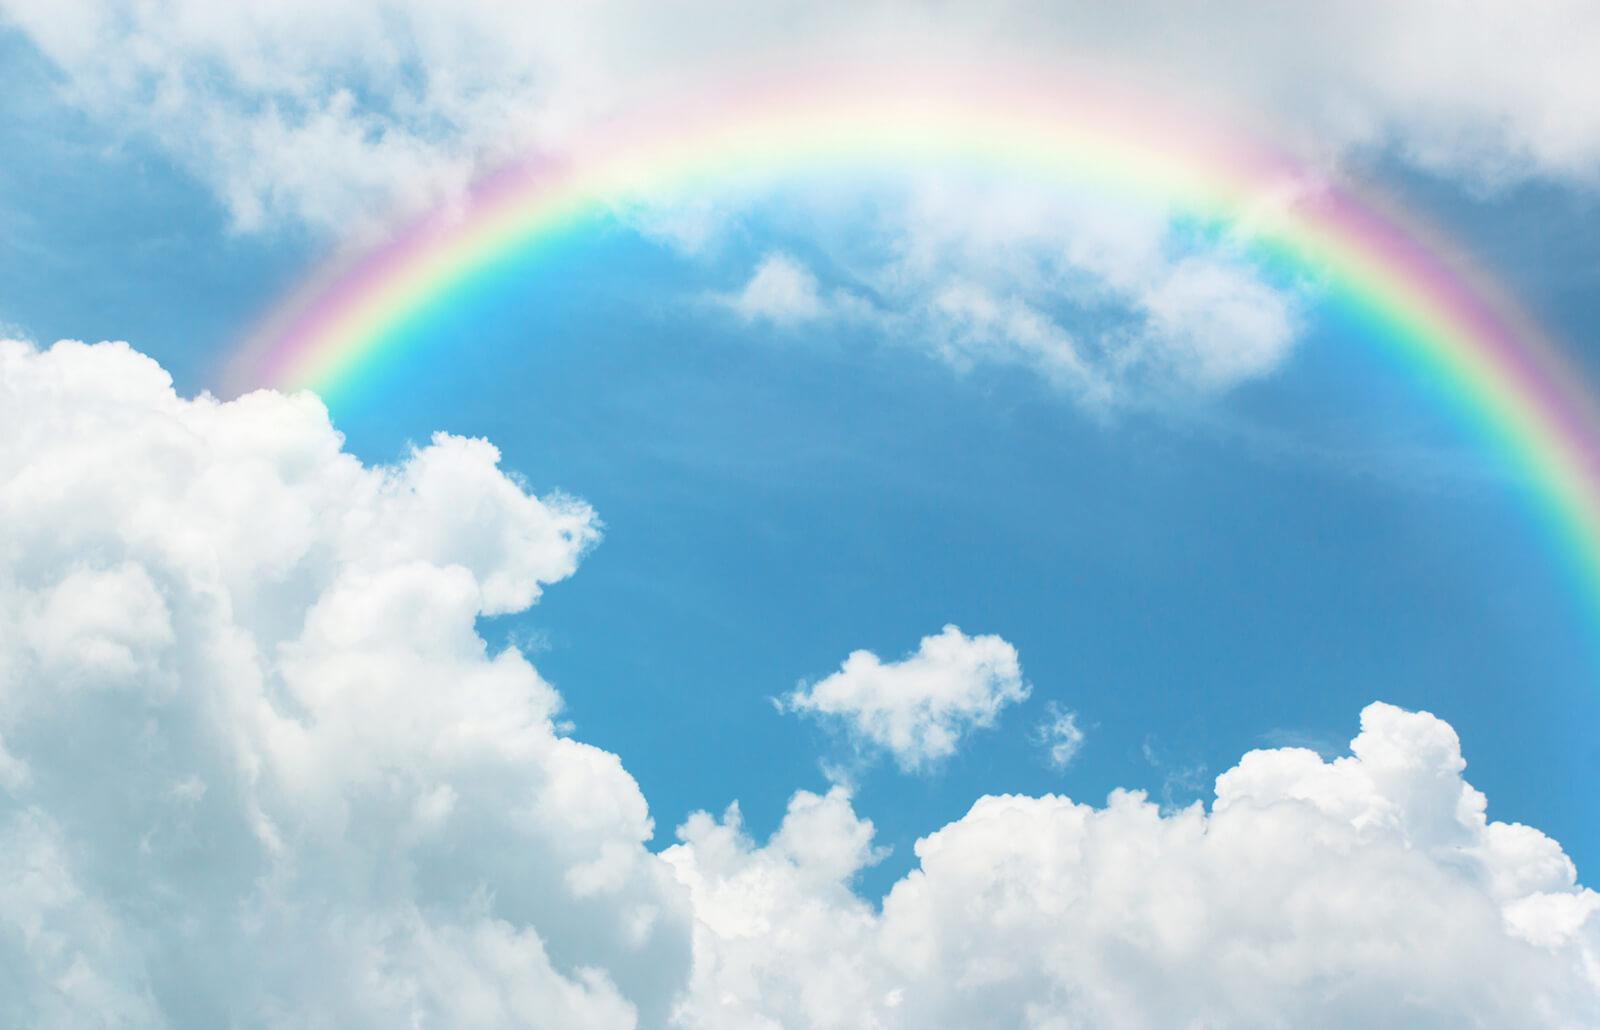 Создатель мороженного «Радуга» ответил на жалобы из-за цветов ЛГБТ